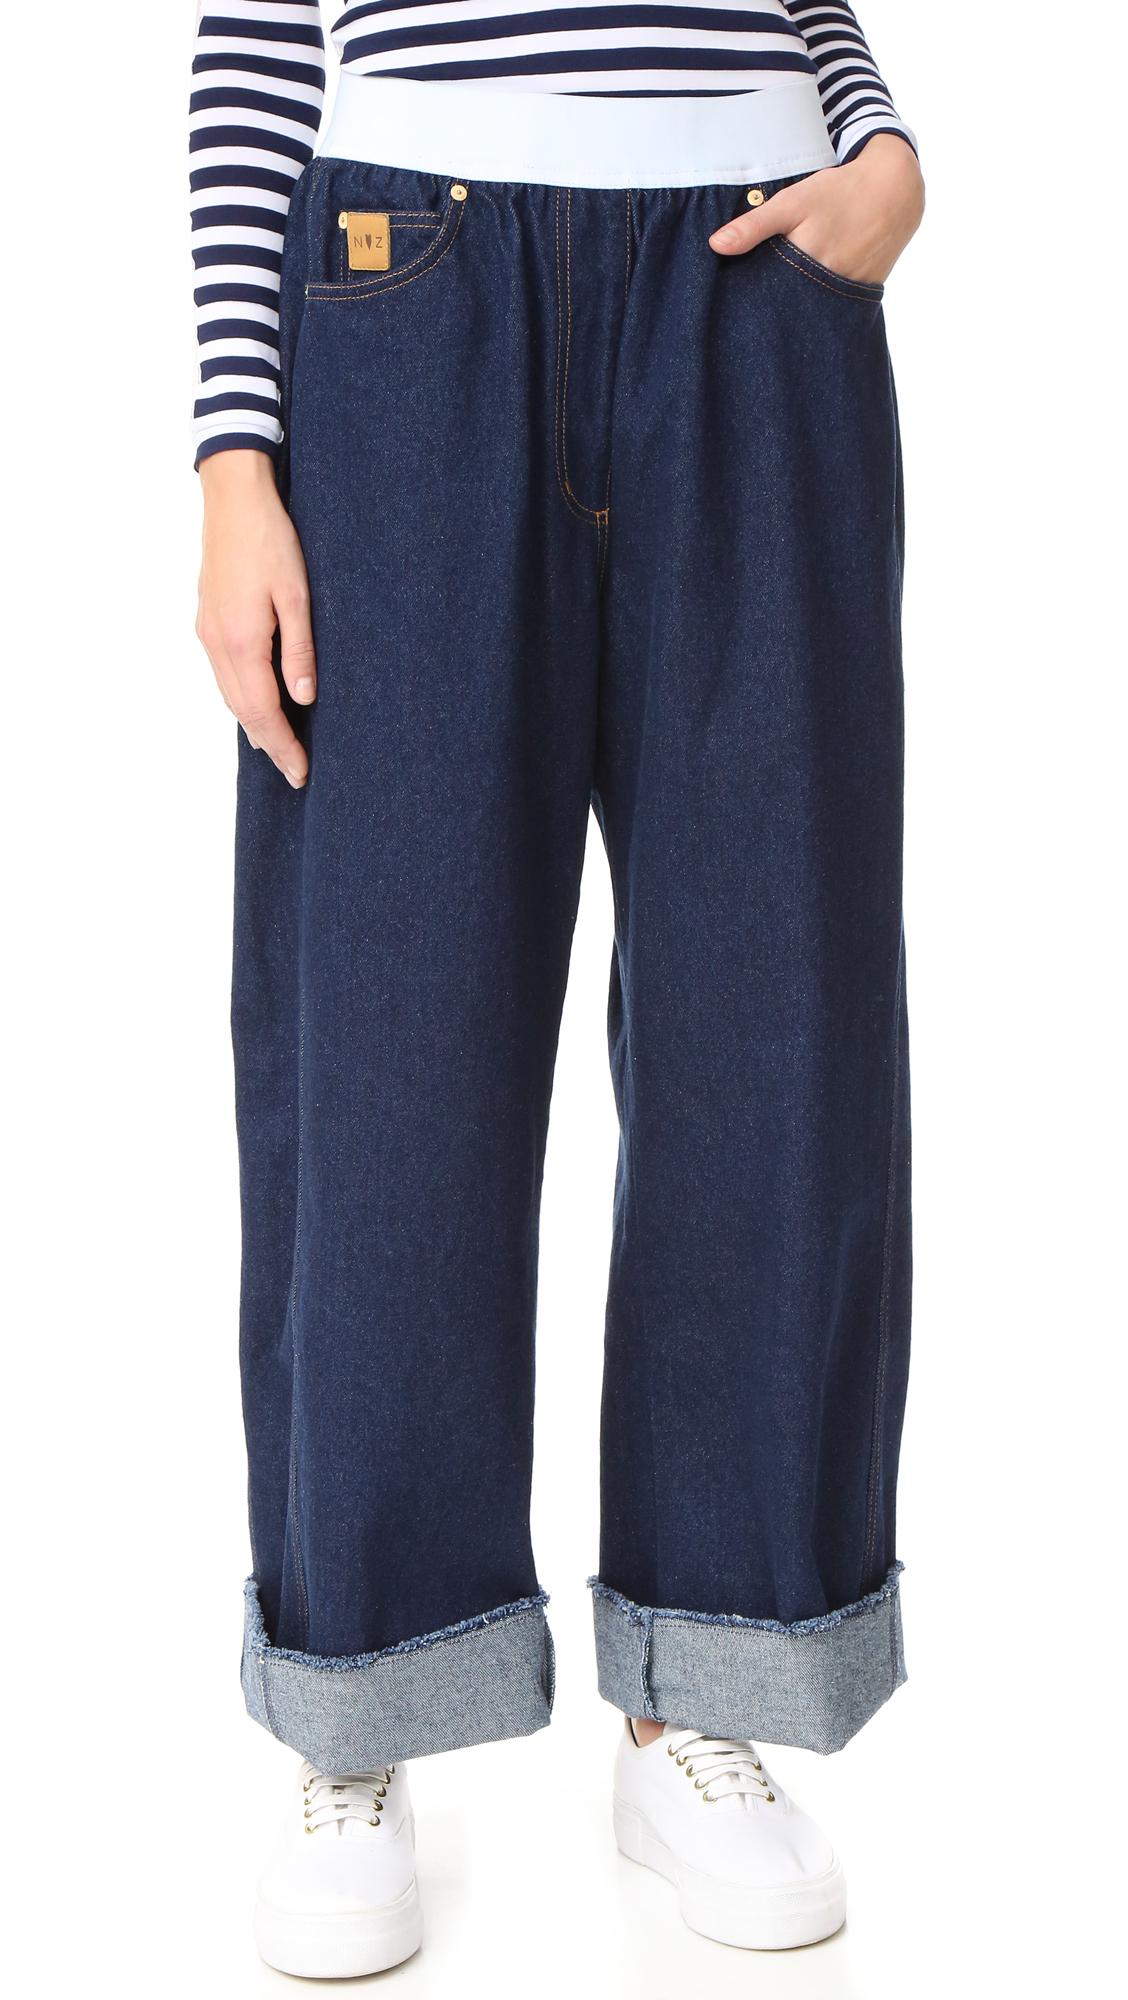 natasha zinko female natasha zinko pull on jeans denim